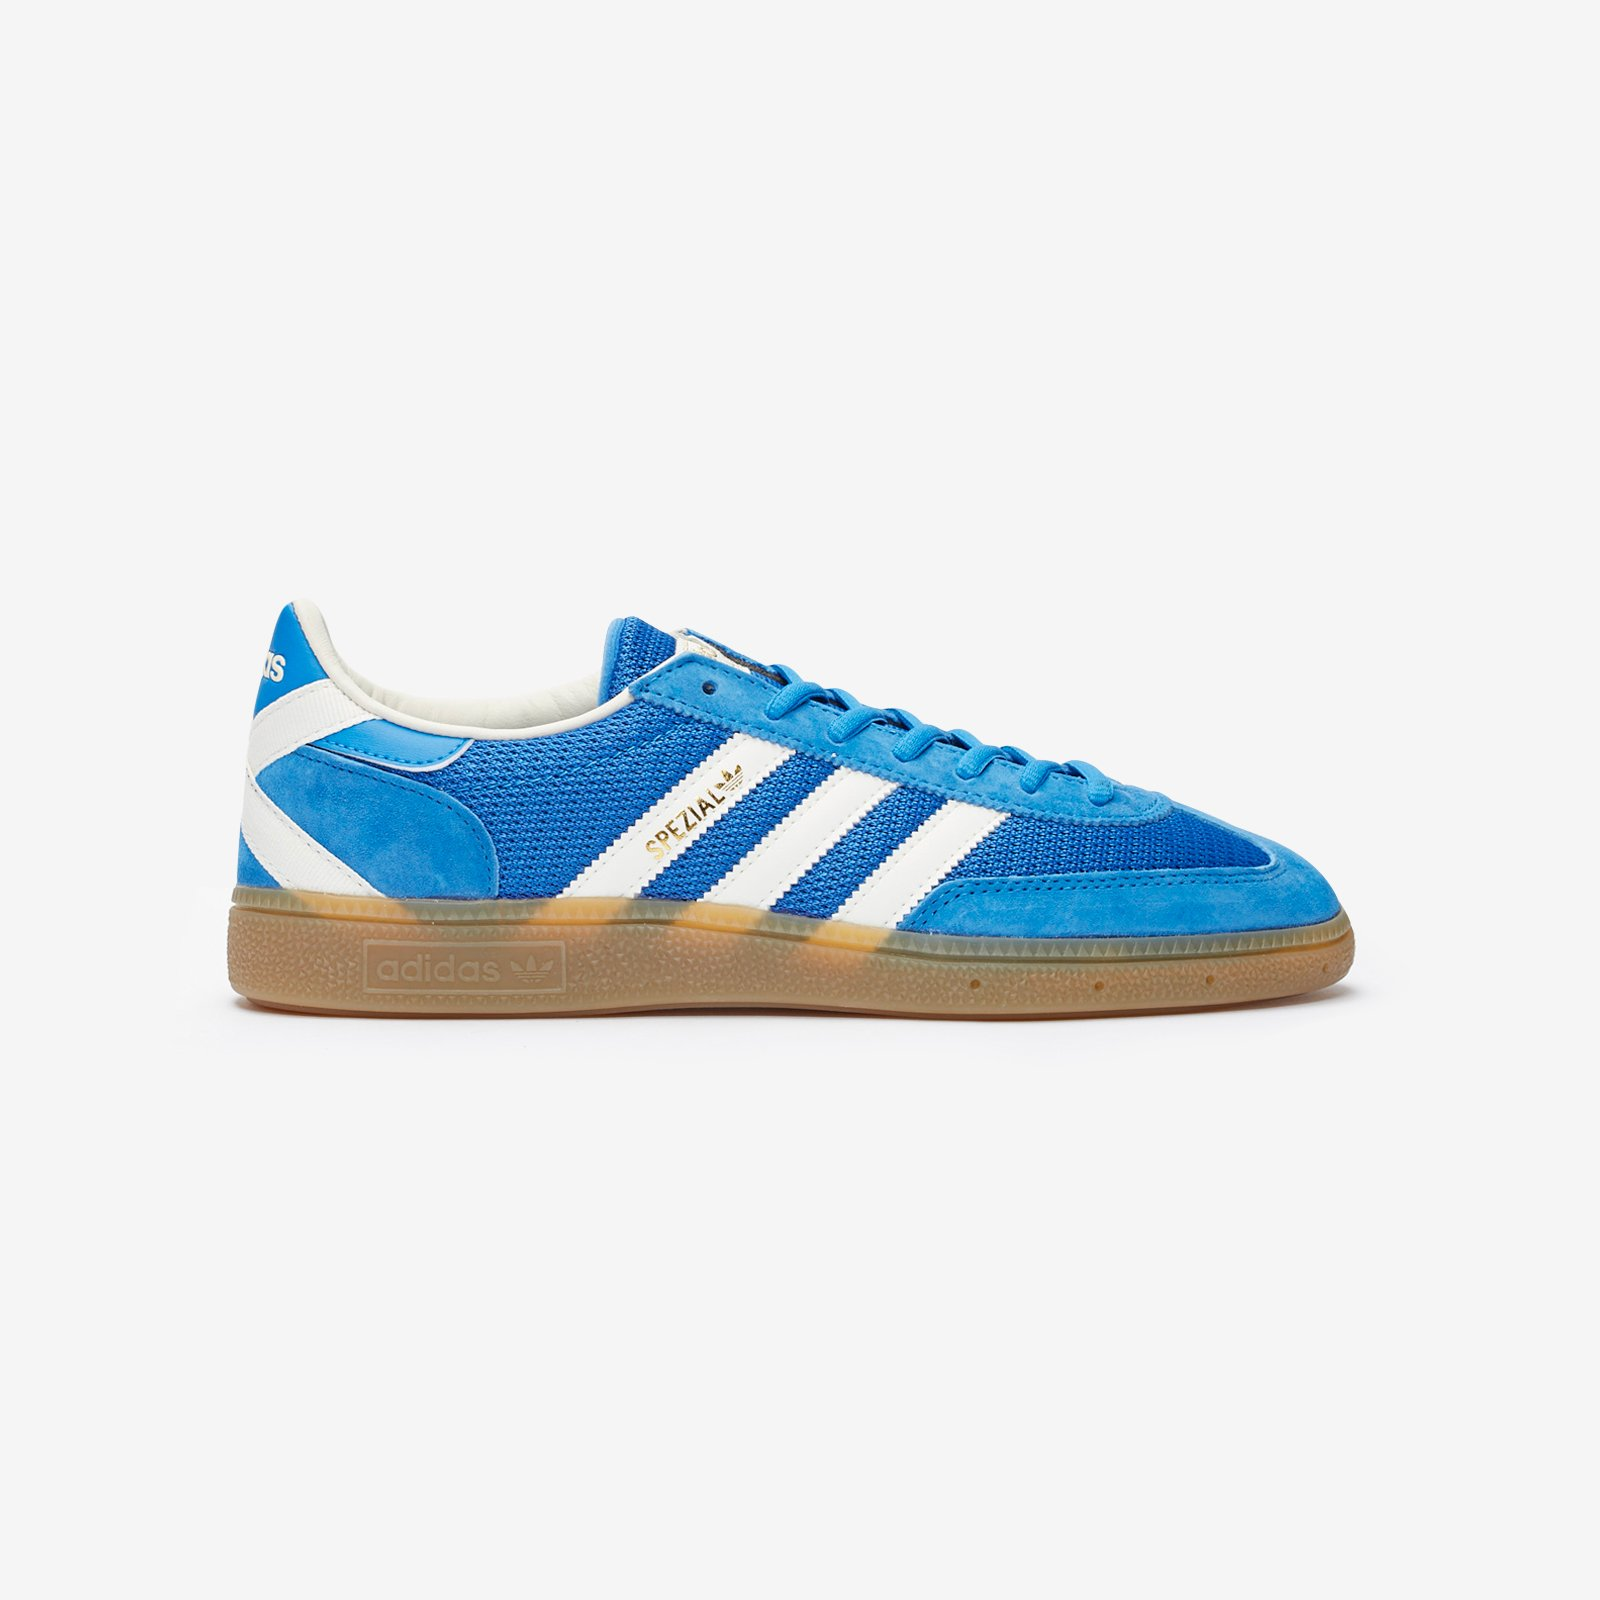 adidas Handball Spezial Ee5728 Sneakersnstuff | sneakers